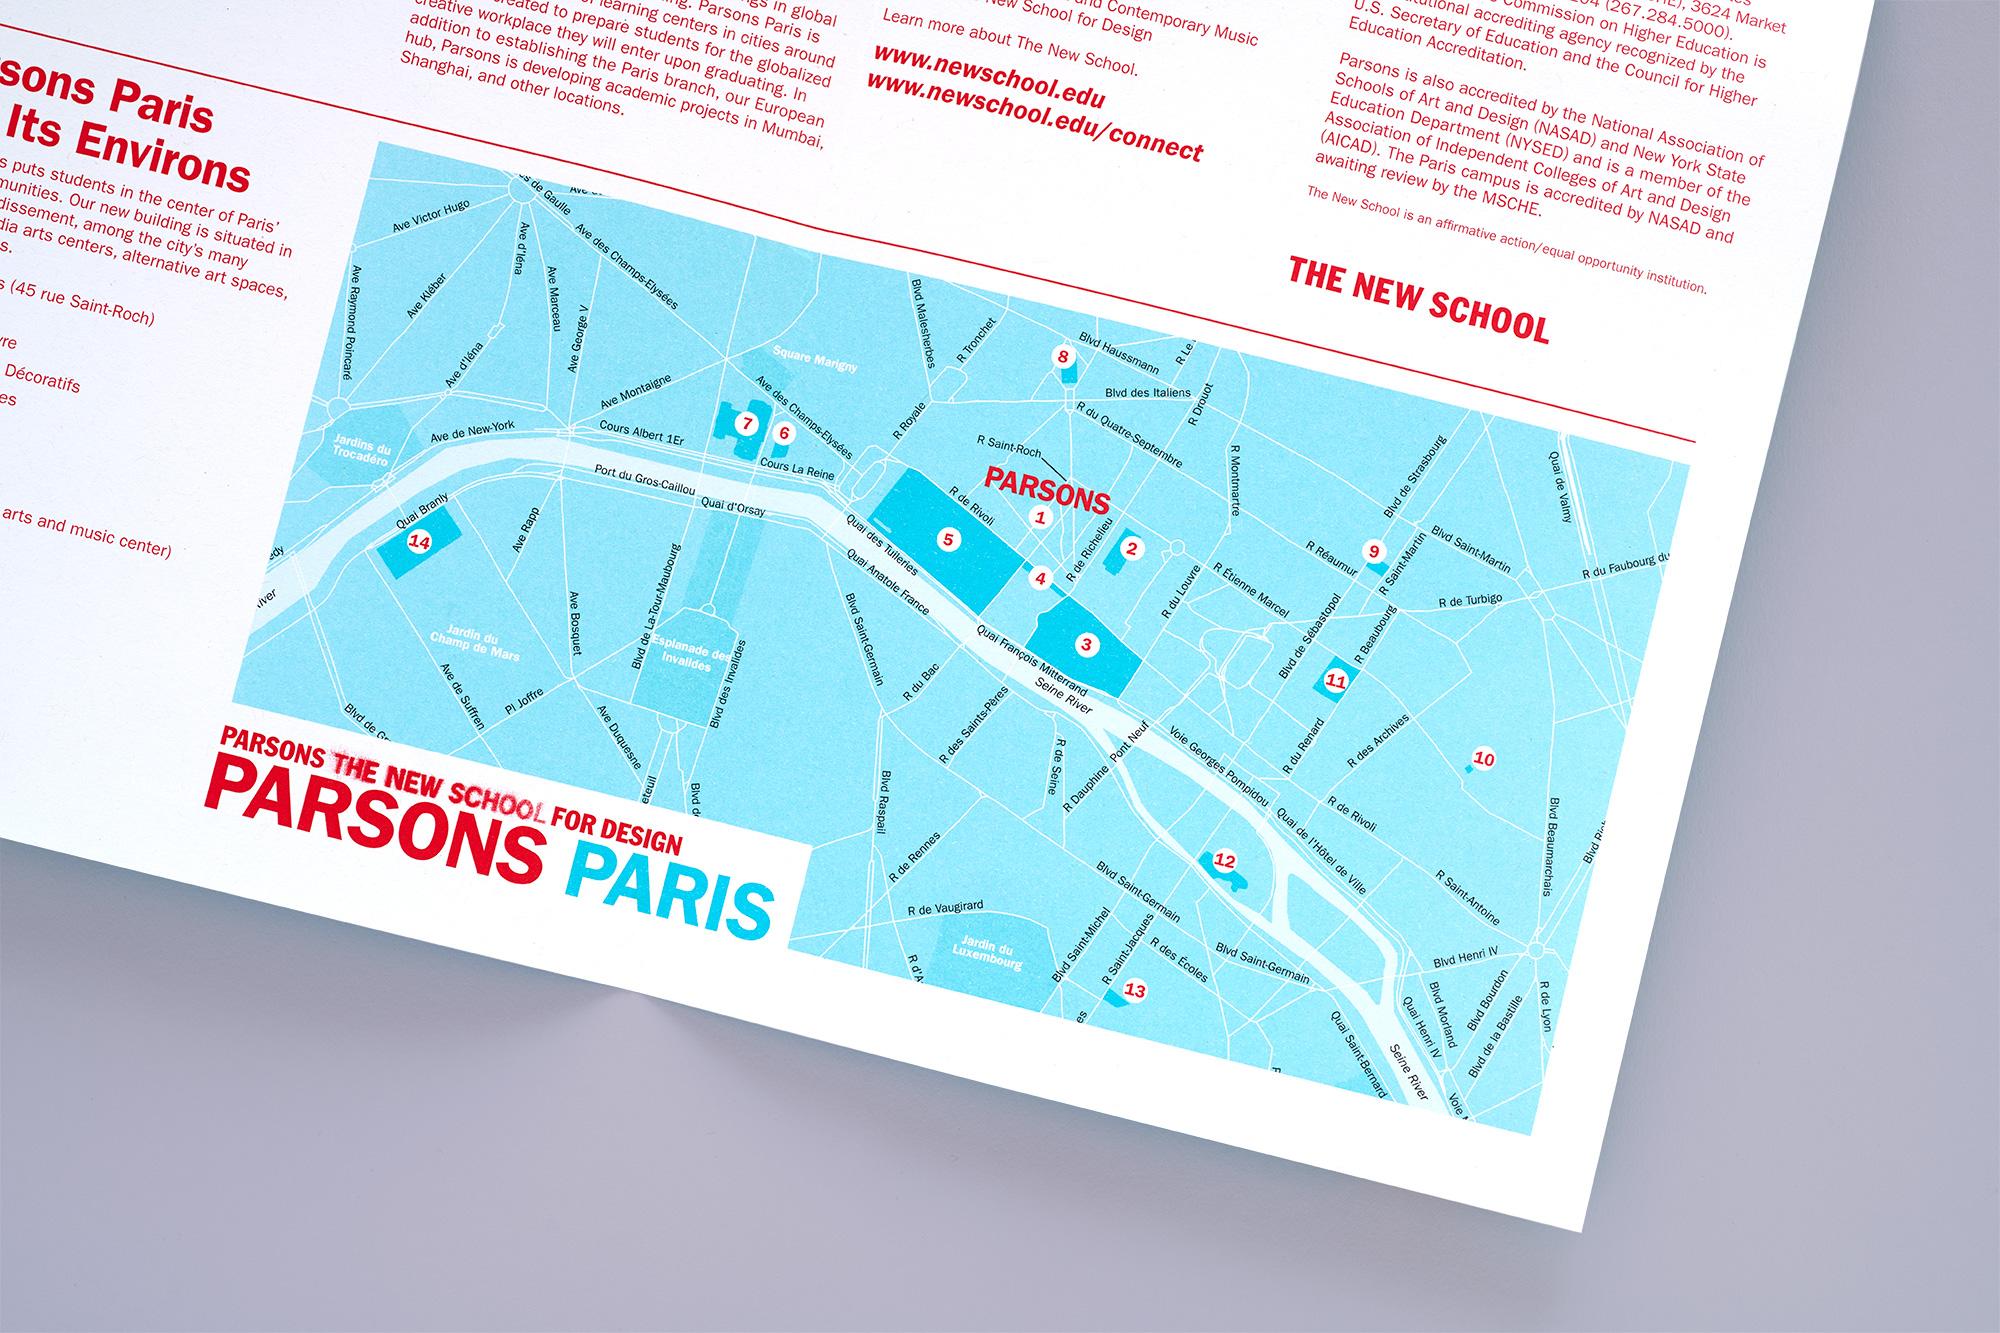 Paula_Giraldo_Parsons_Paris_42.jpg